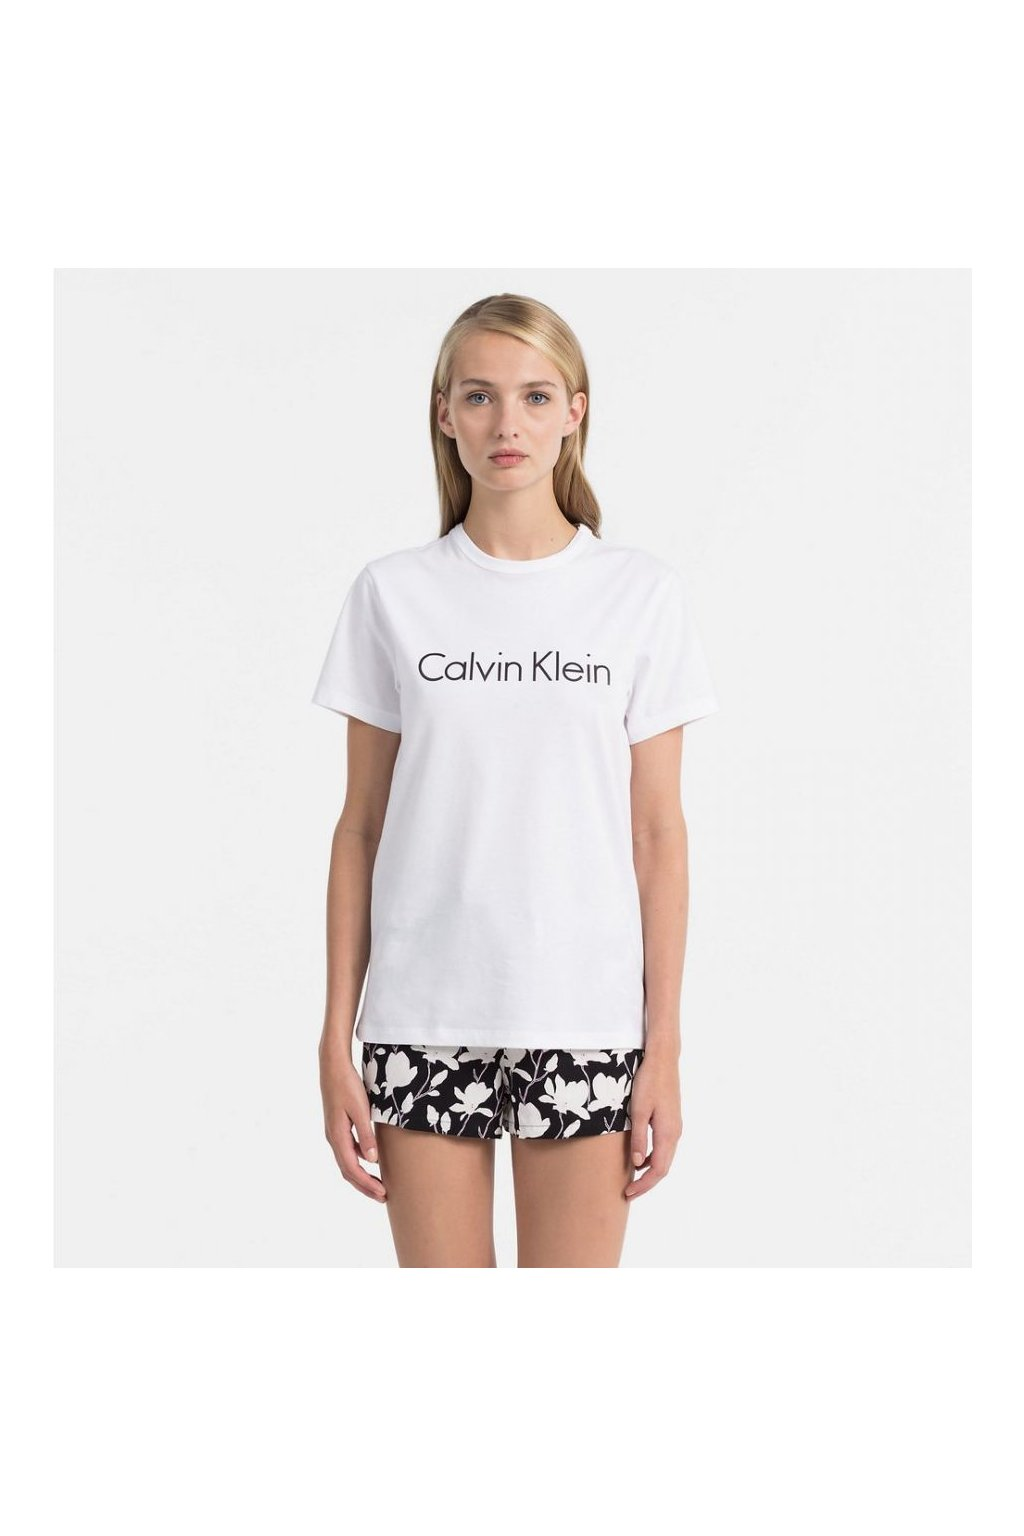 Calvin Klein Dámské Logo Dámské Tričko Bílé